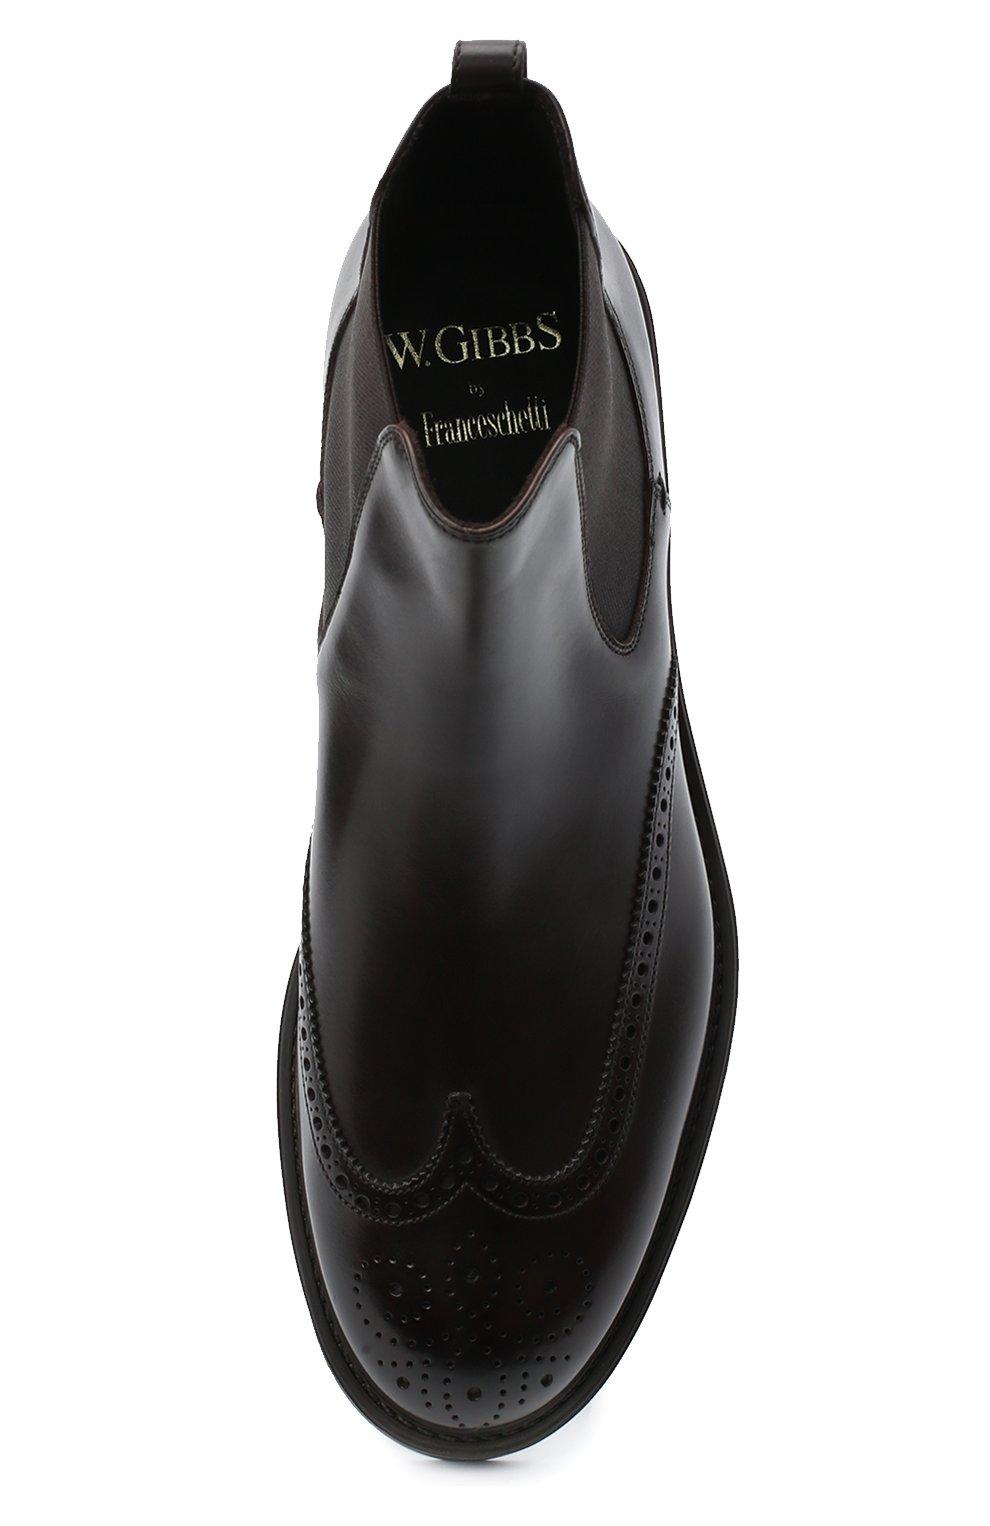 Мужские кожаные челси W.GIBBS темно-коричневого цвета, арт. 3169004/0214   Фото 5 (Материал внутренний: Натуральная кожа; Подошва: Плоская; Мужское Кросс-КТ: Сапоги-обувь, Челси-обувь)